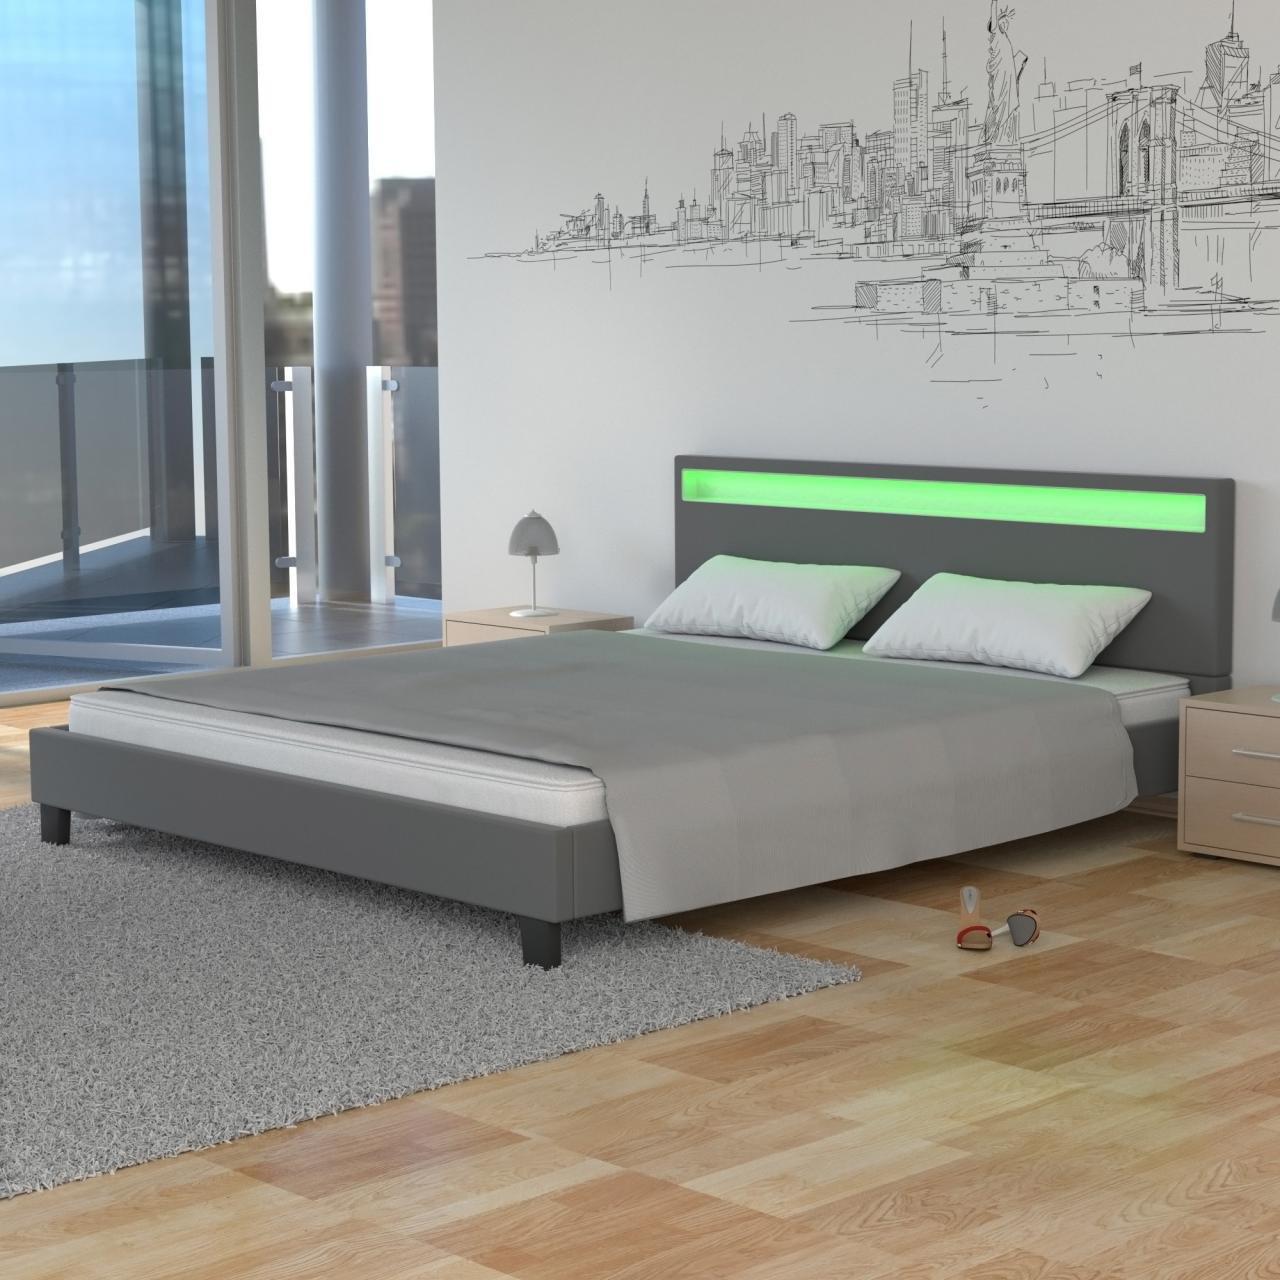 Homelux LED Bett PU Polsterbett Doppelbett Kunstlederbett ...